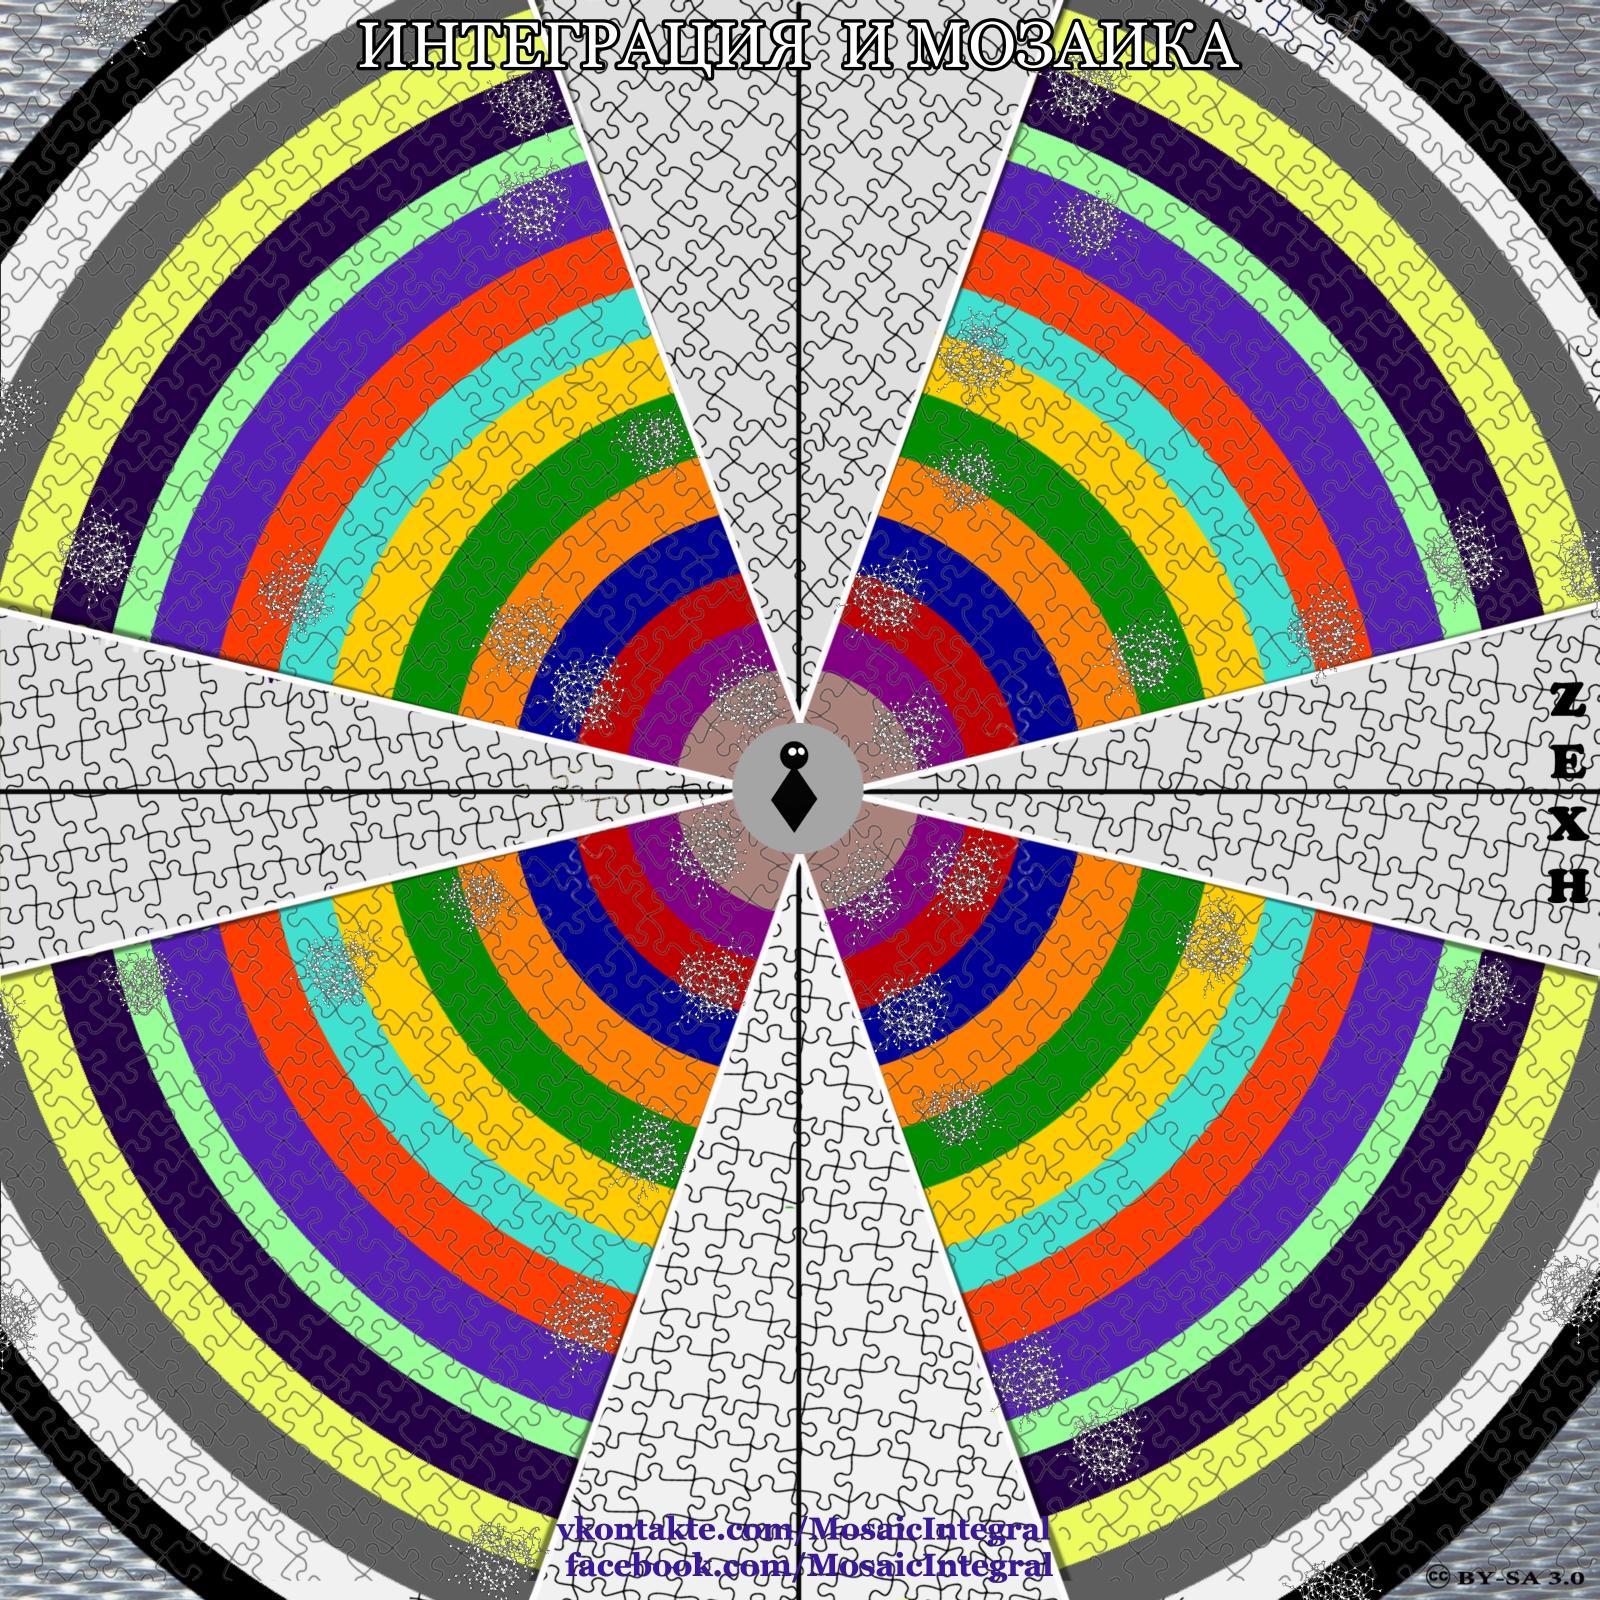 интегральный подход - мозаичный подход: кластера и уровни развития